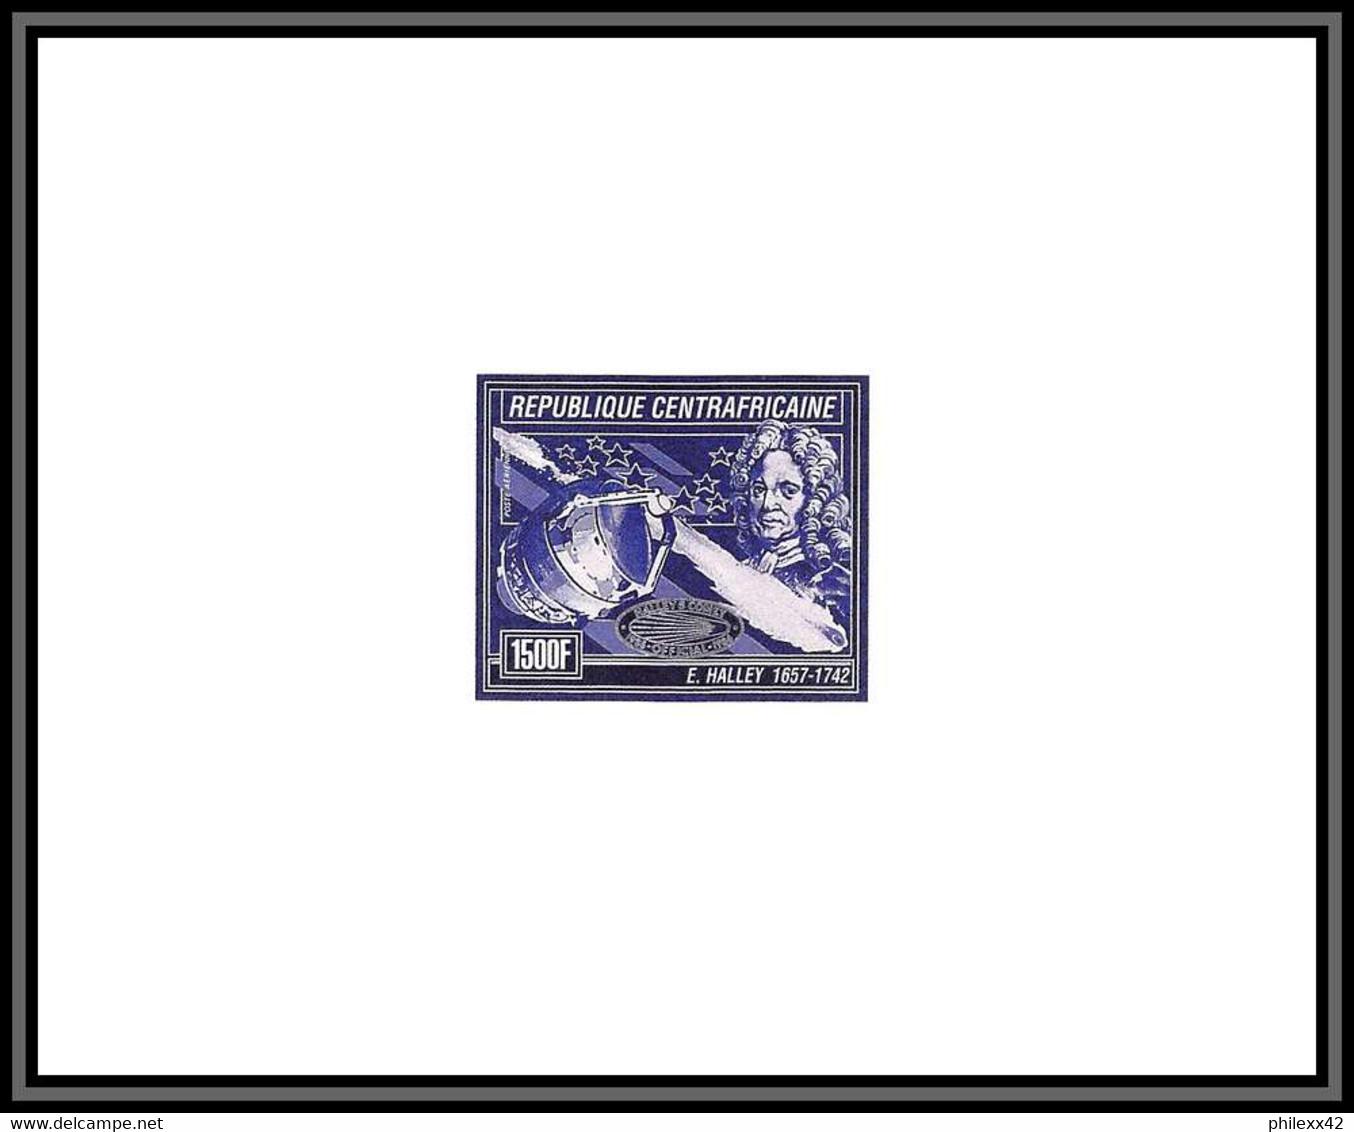 Départ 1 Euro - 95798 N°1247 Comète Halley's Comet Espace Space 1986 Centrafricaine Epreuve D'artiste Artist Proof Blue - Africa